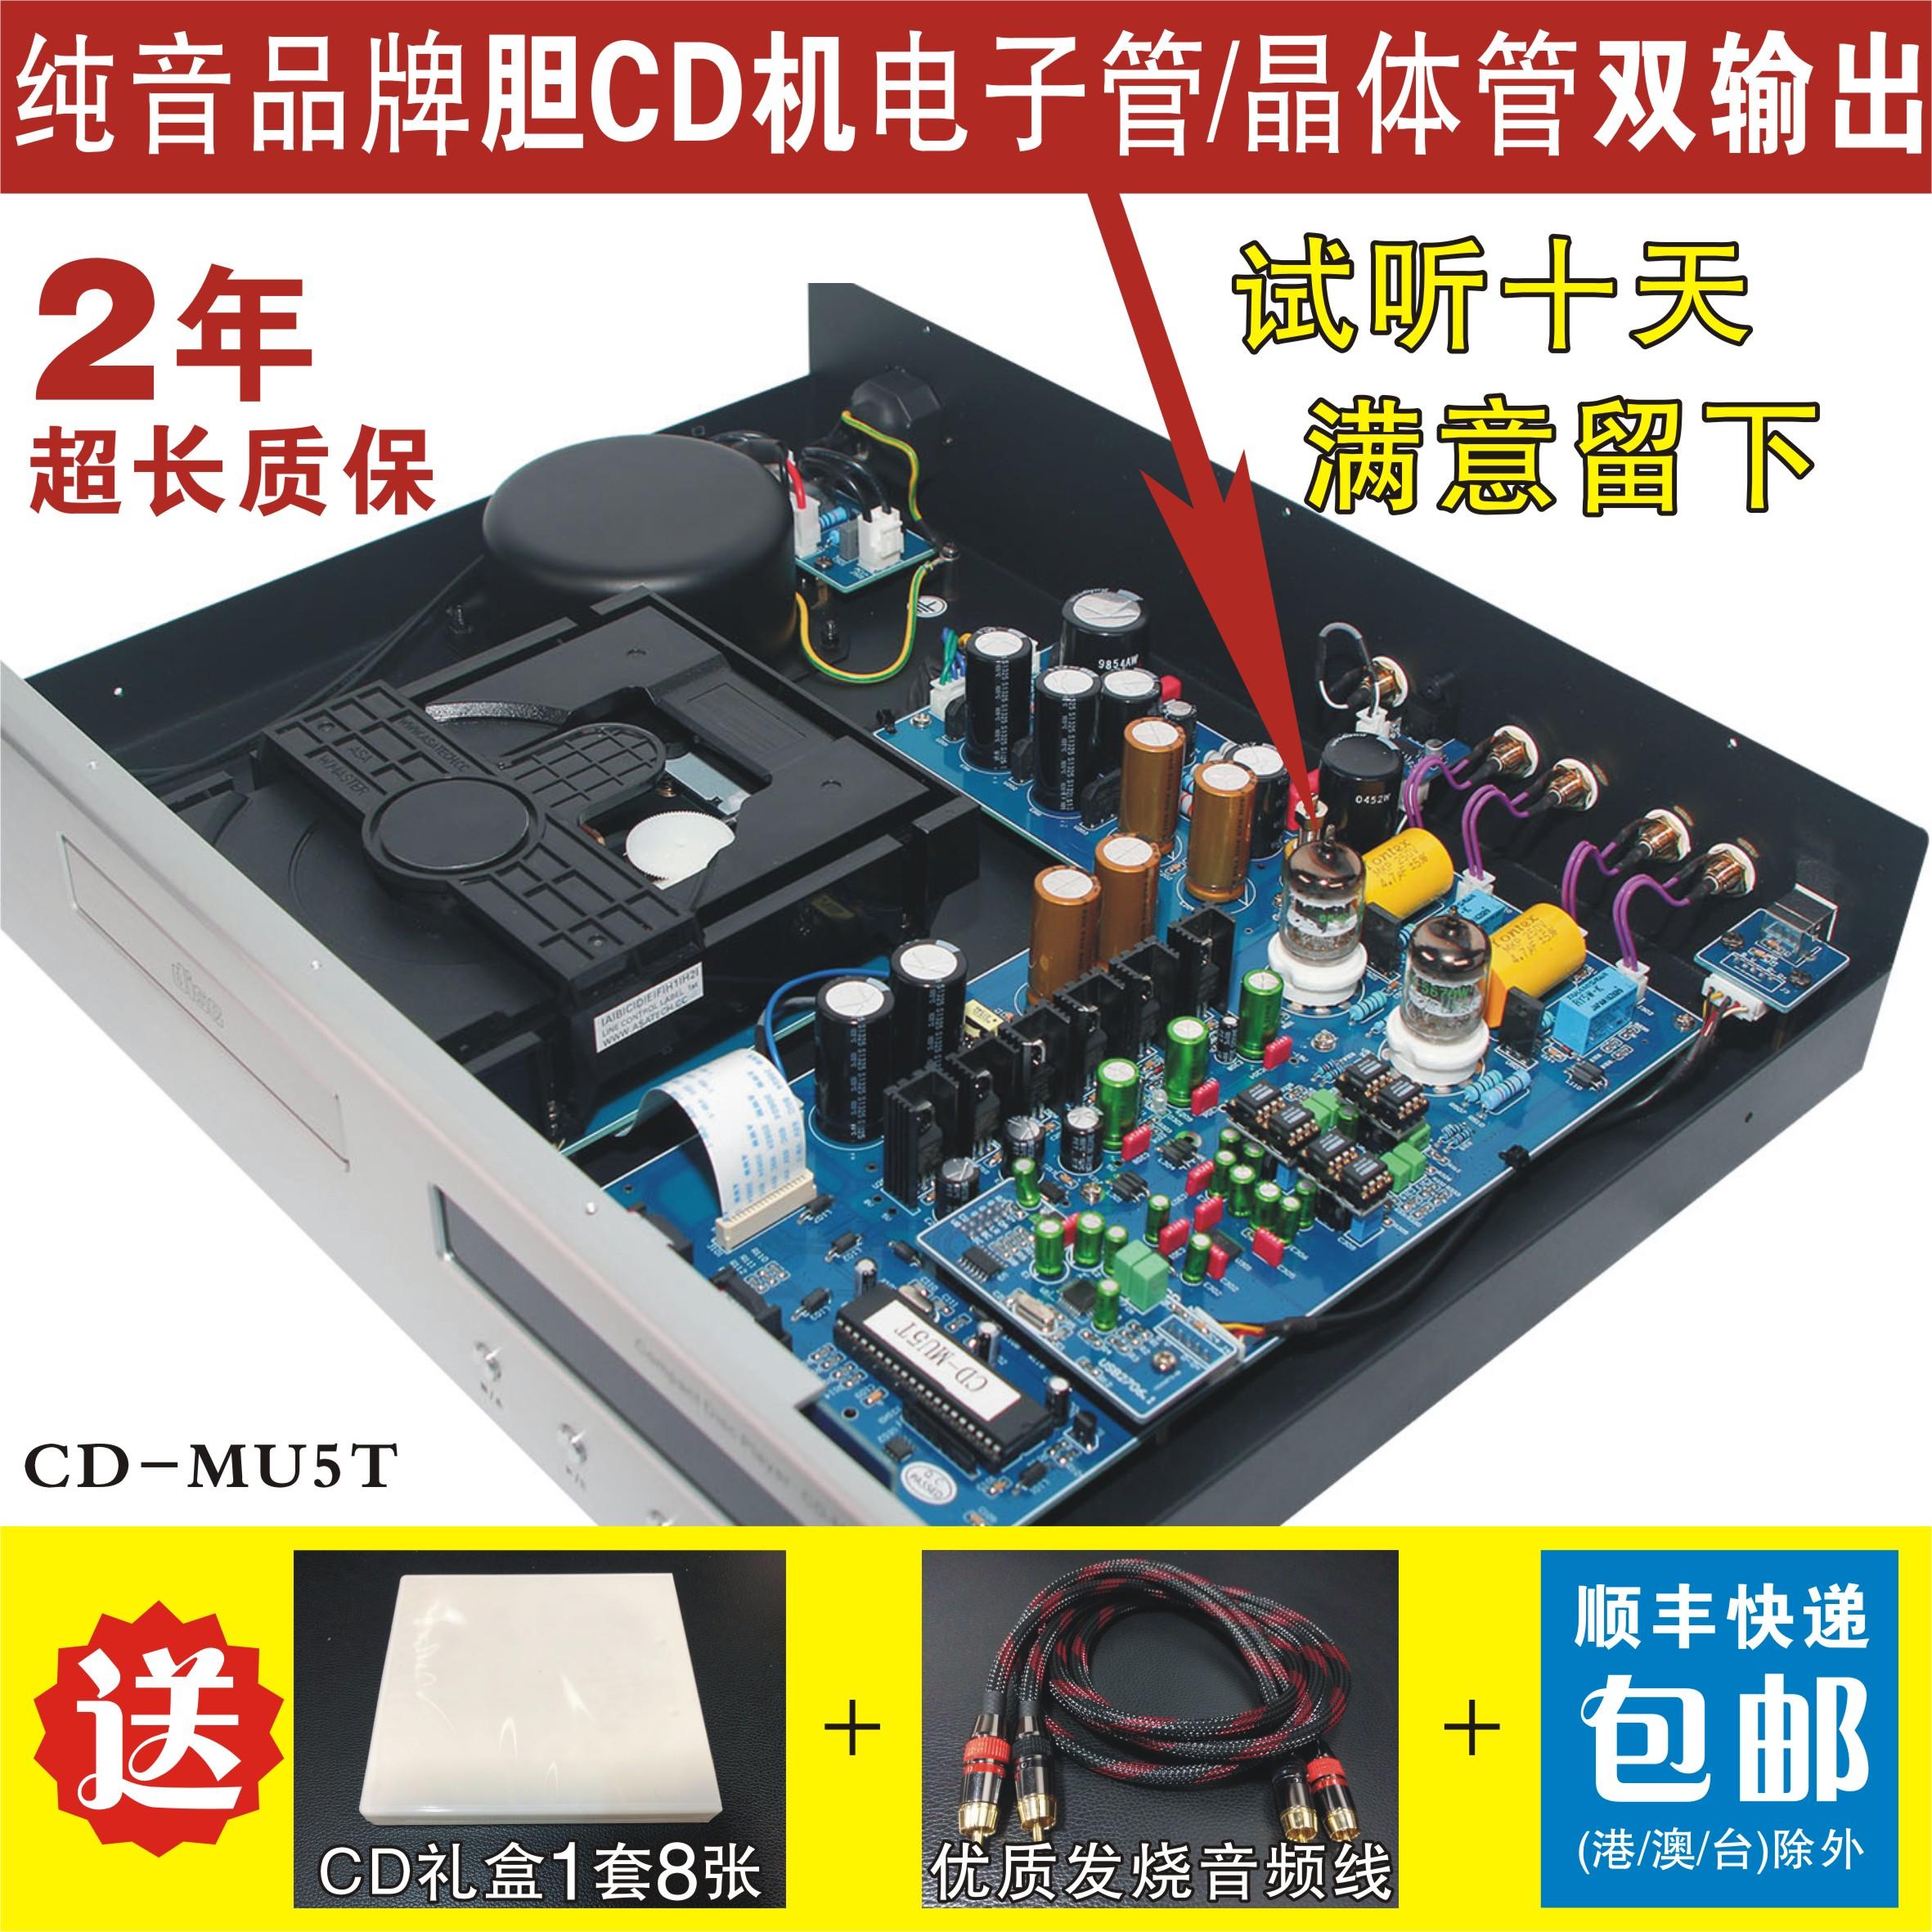 纯音CD-MU5T 升级版胆CD机(发烧CD机 HIFI 胆CD机) CD/USB播放器